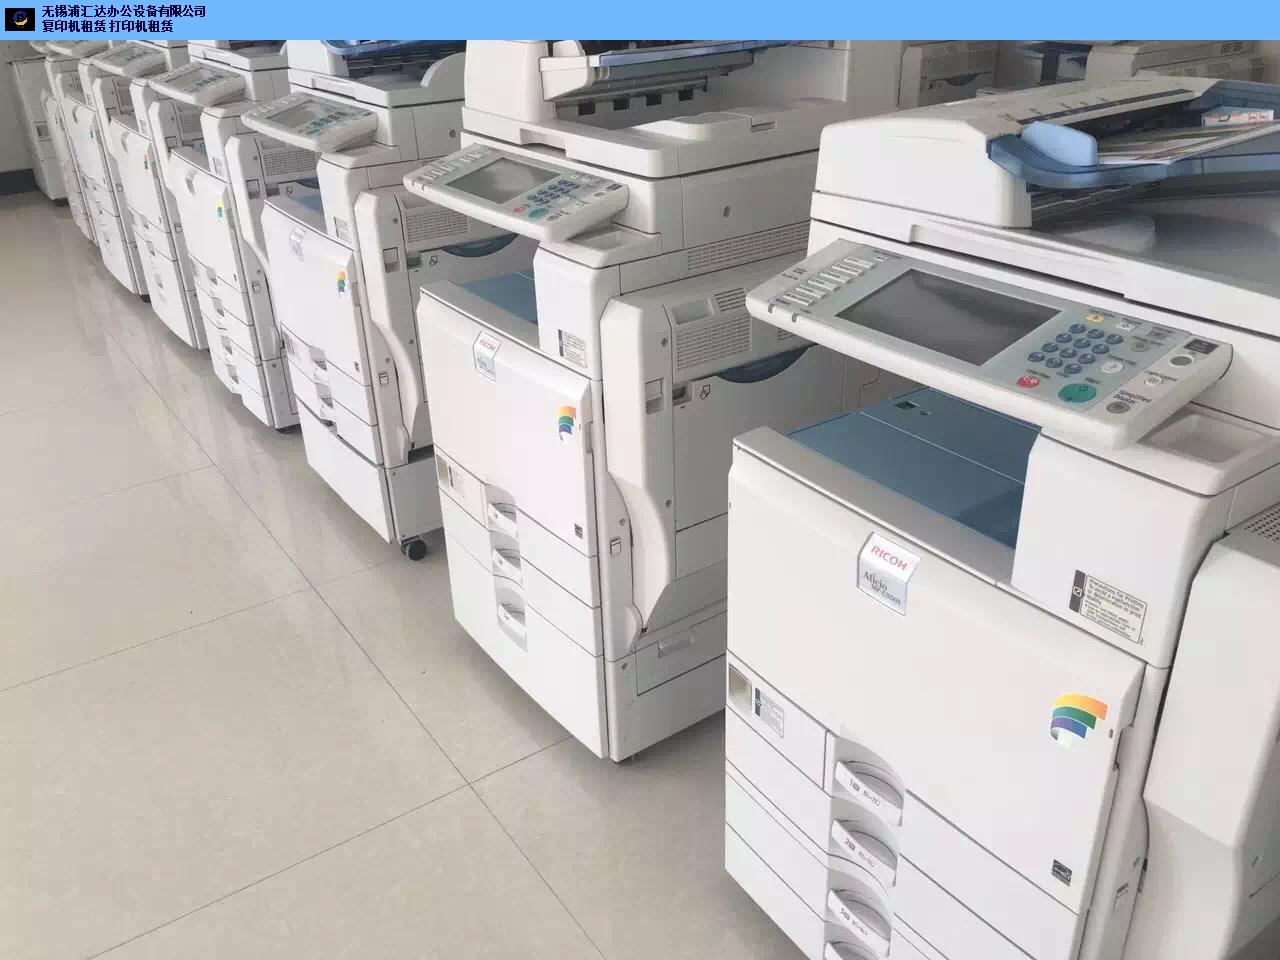 江阴epson 打印机维修多少钱,打印机维修